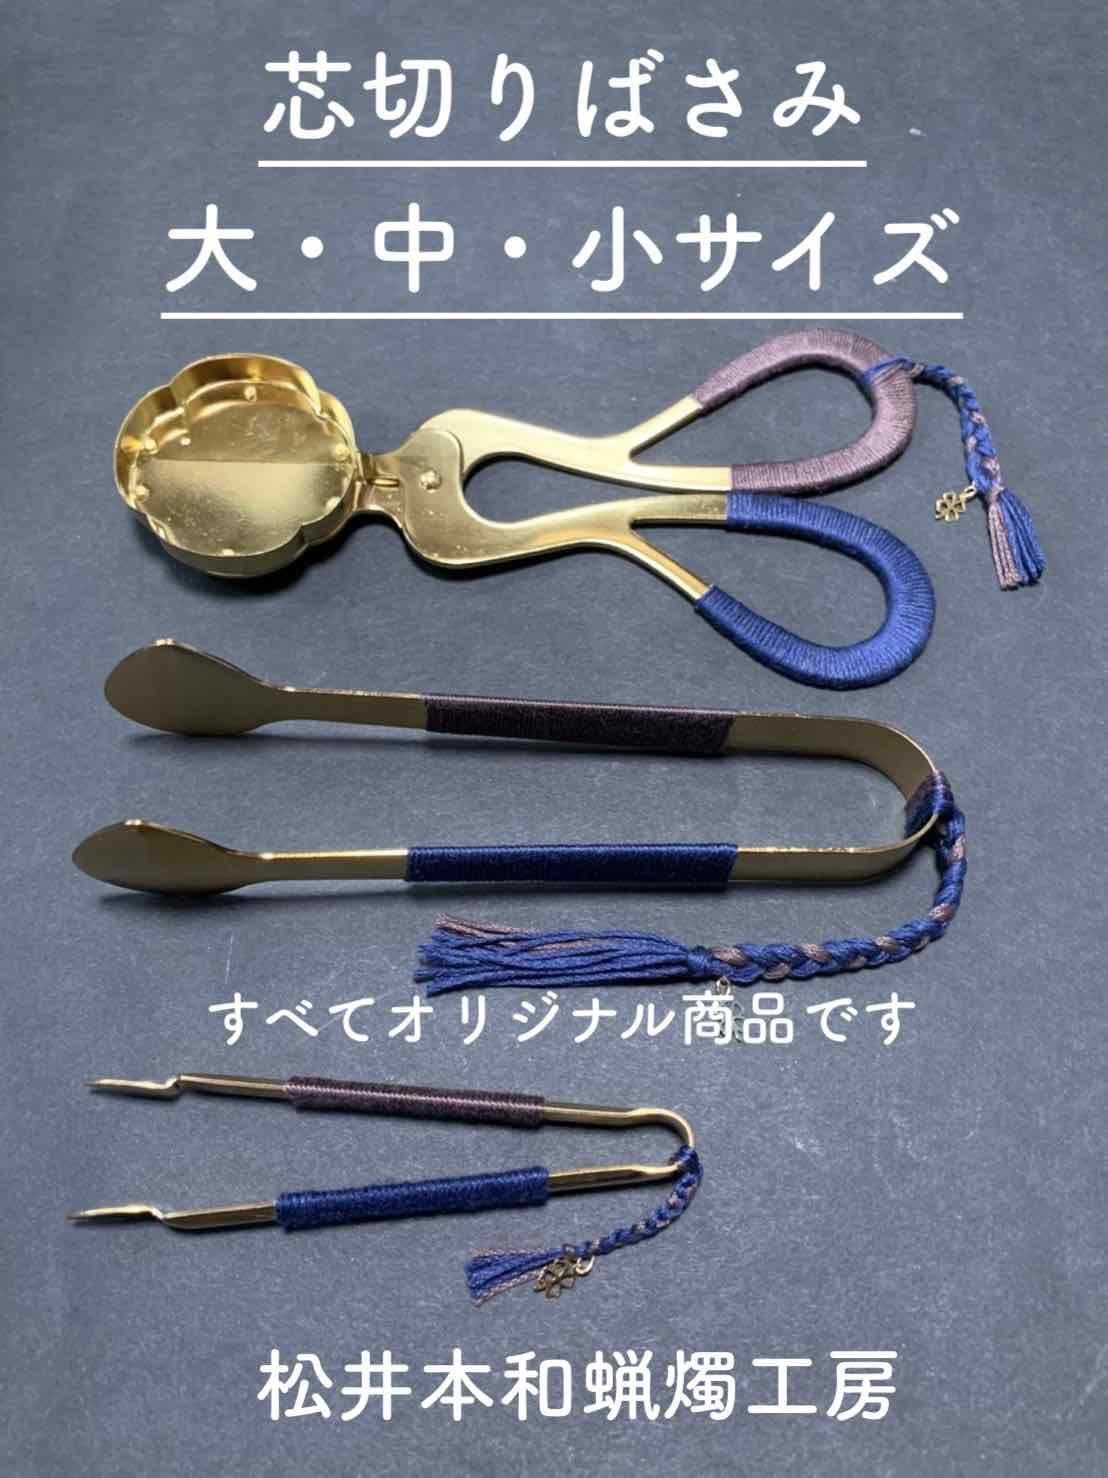 入荷情報 松井和ろうそくオリジナル芯切りばさみ 製作できました